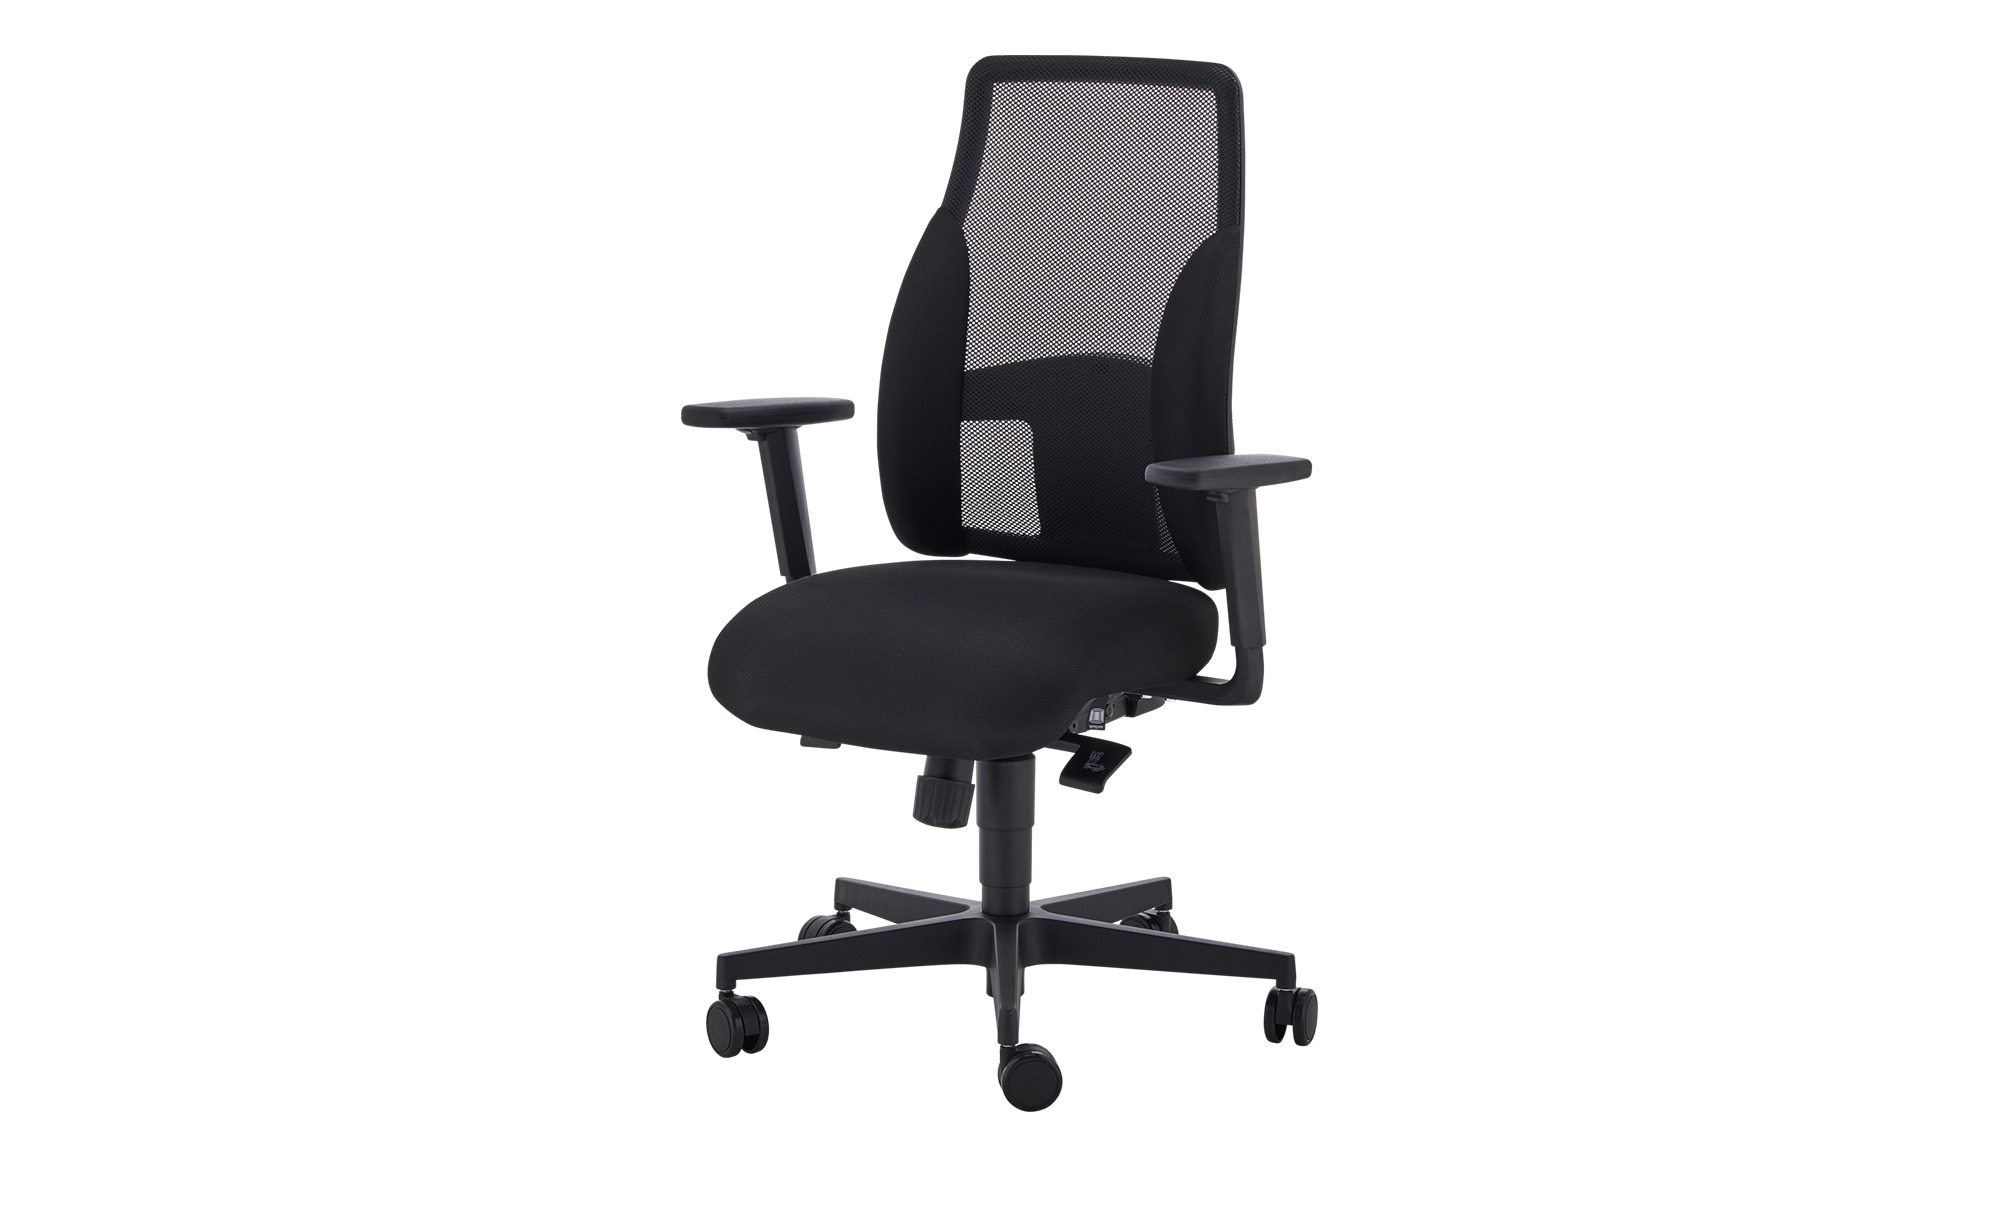 Profi ¦ Höffner Drehstühle Sitness Schwarz Stühlegt; Bürostühle Comfort Bürodrehstuhl 8OPZwXn0kN